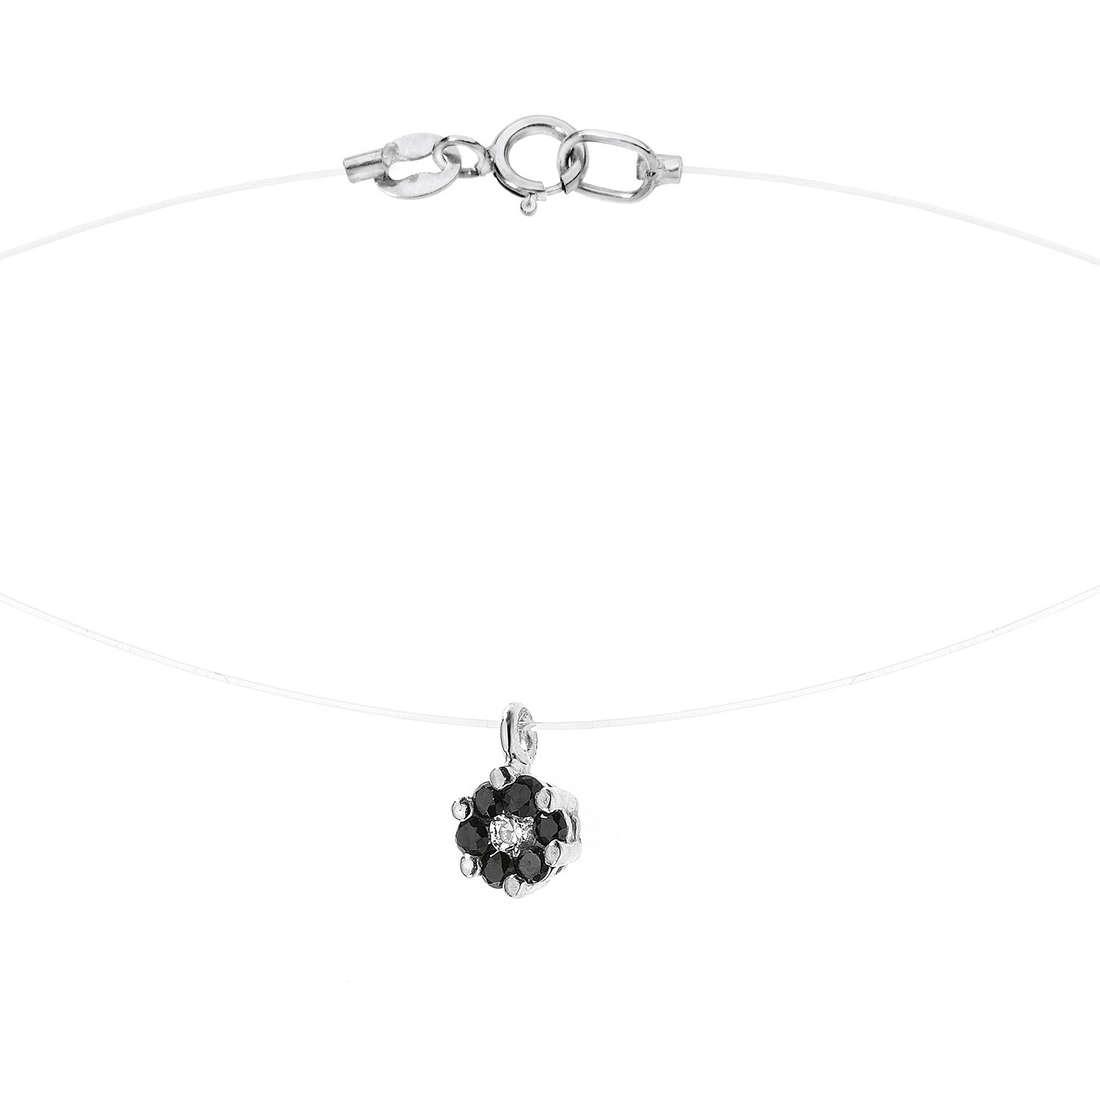 collana donna gioielli Comete Pietre preziose colorate GLB 876